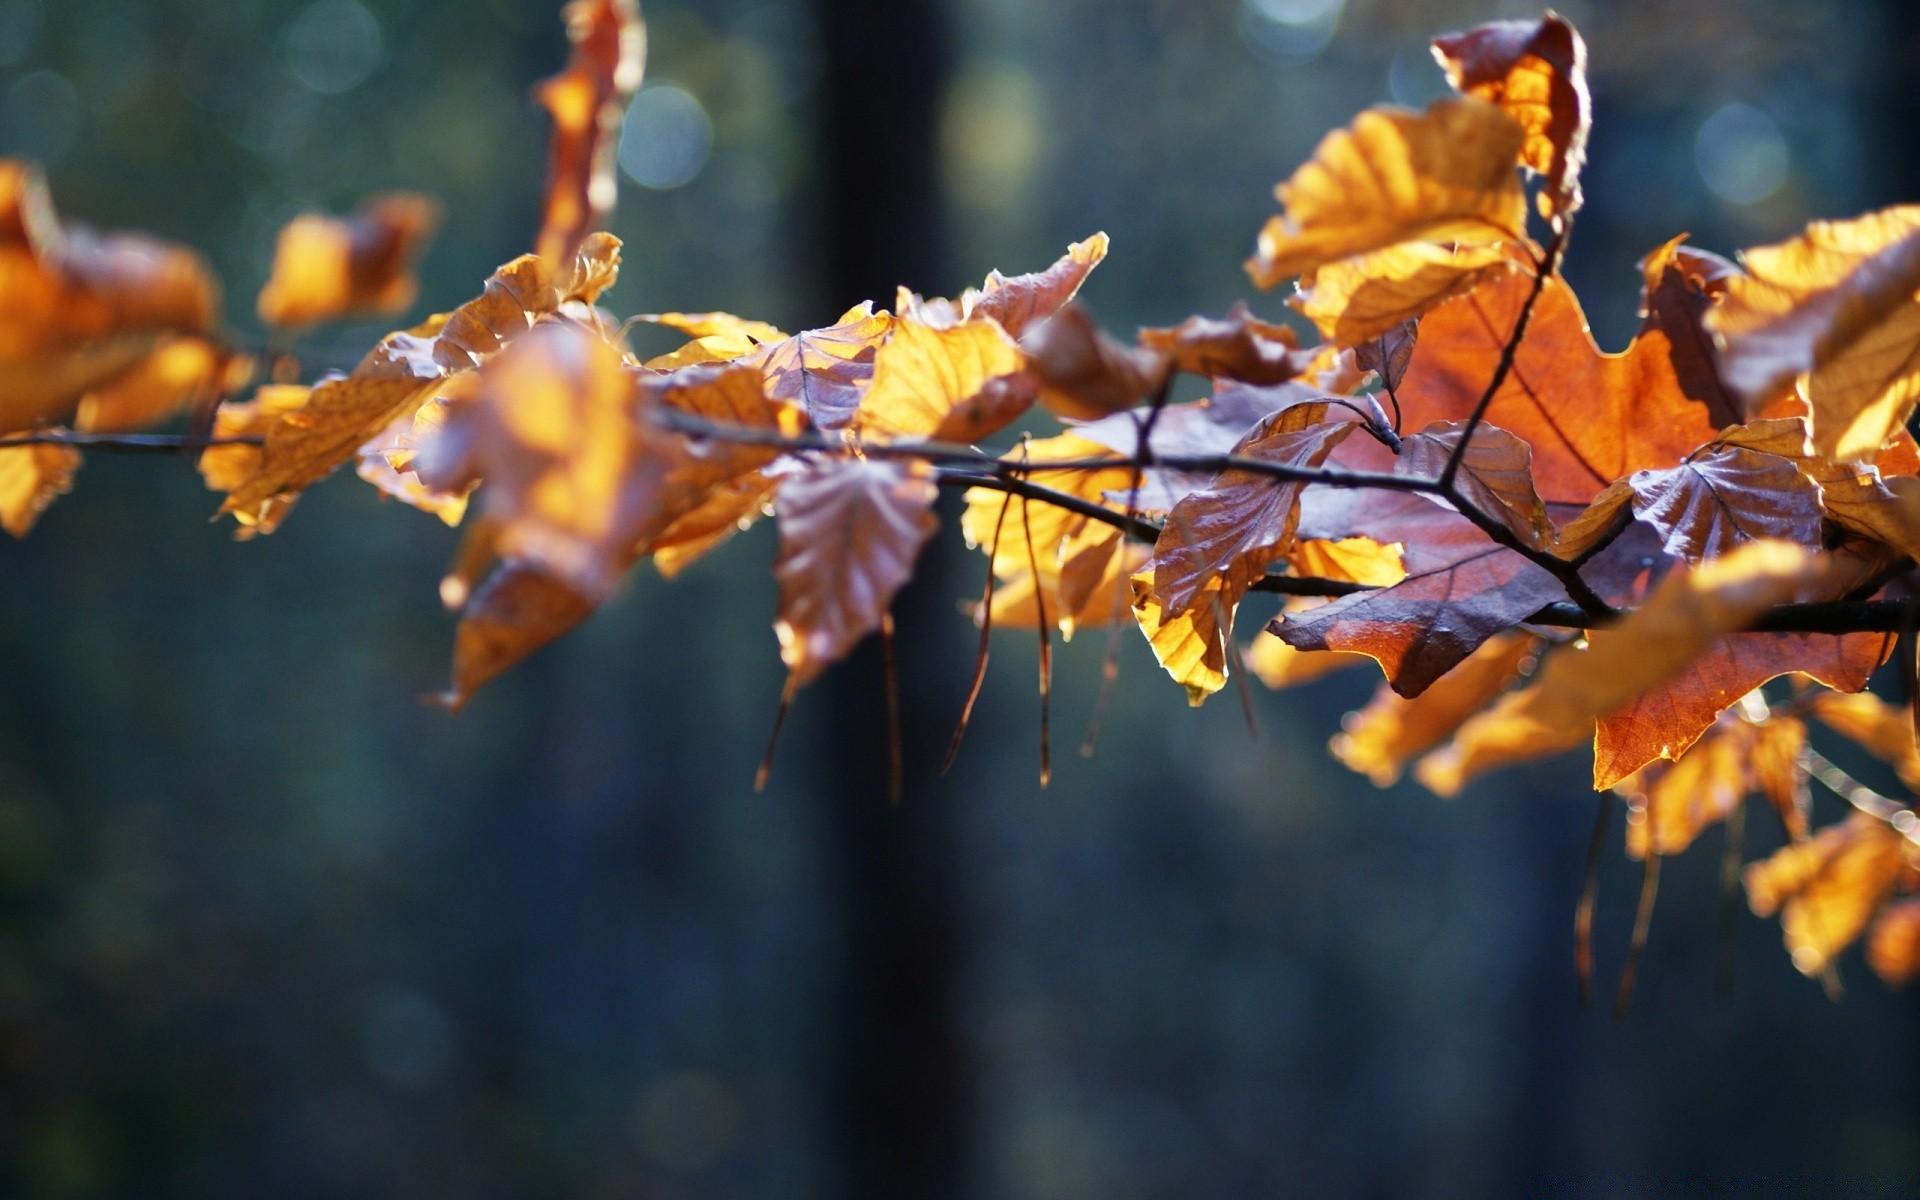 суккуб, осень поздняя картинки на рабочий стол красивые большие варианты как